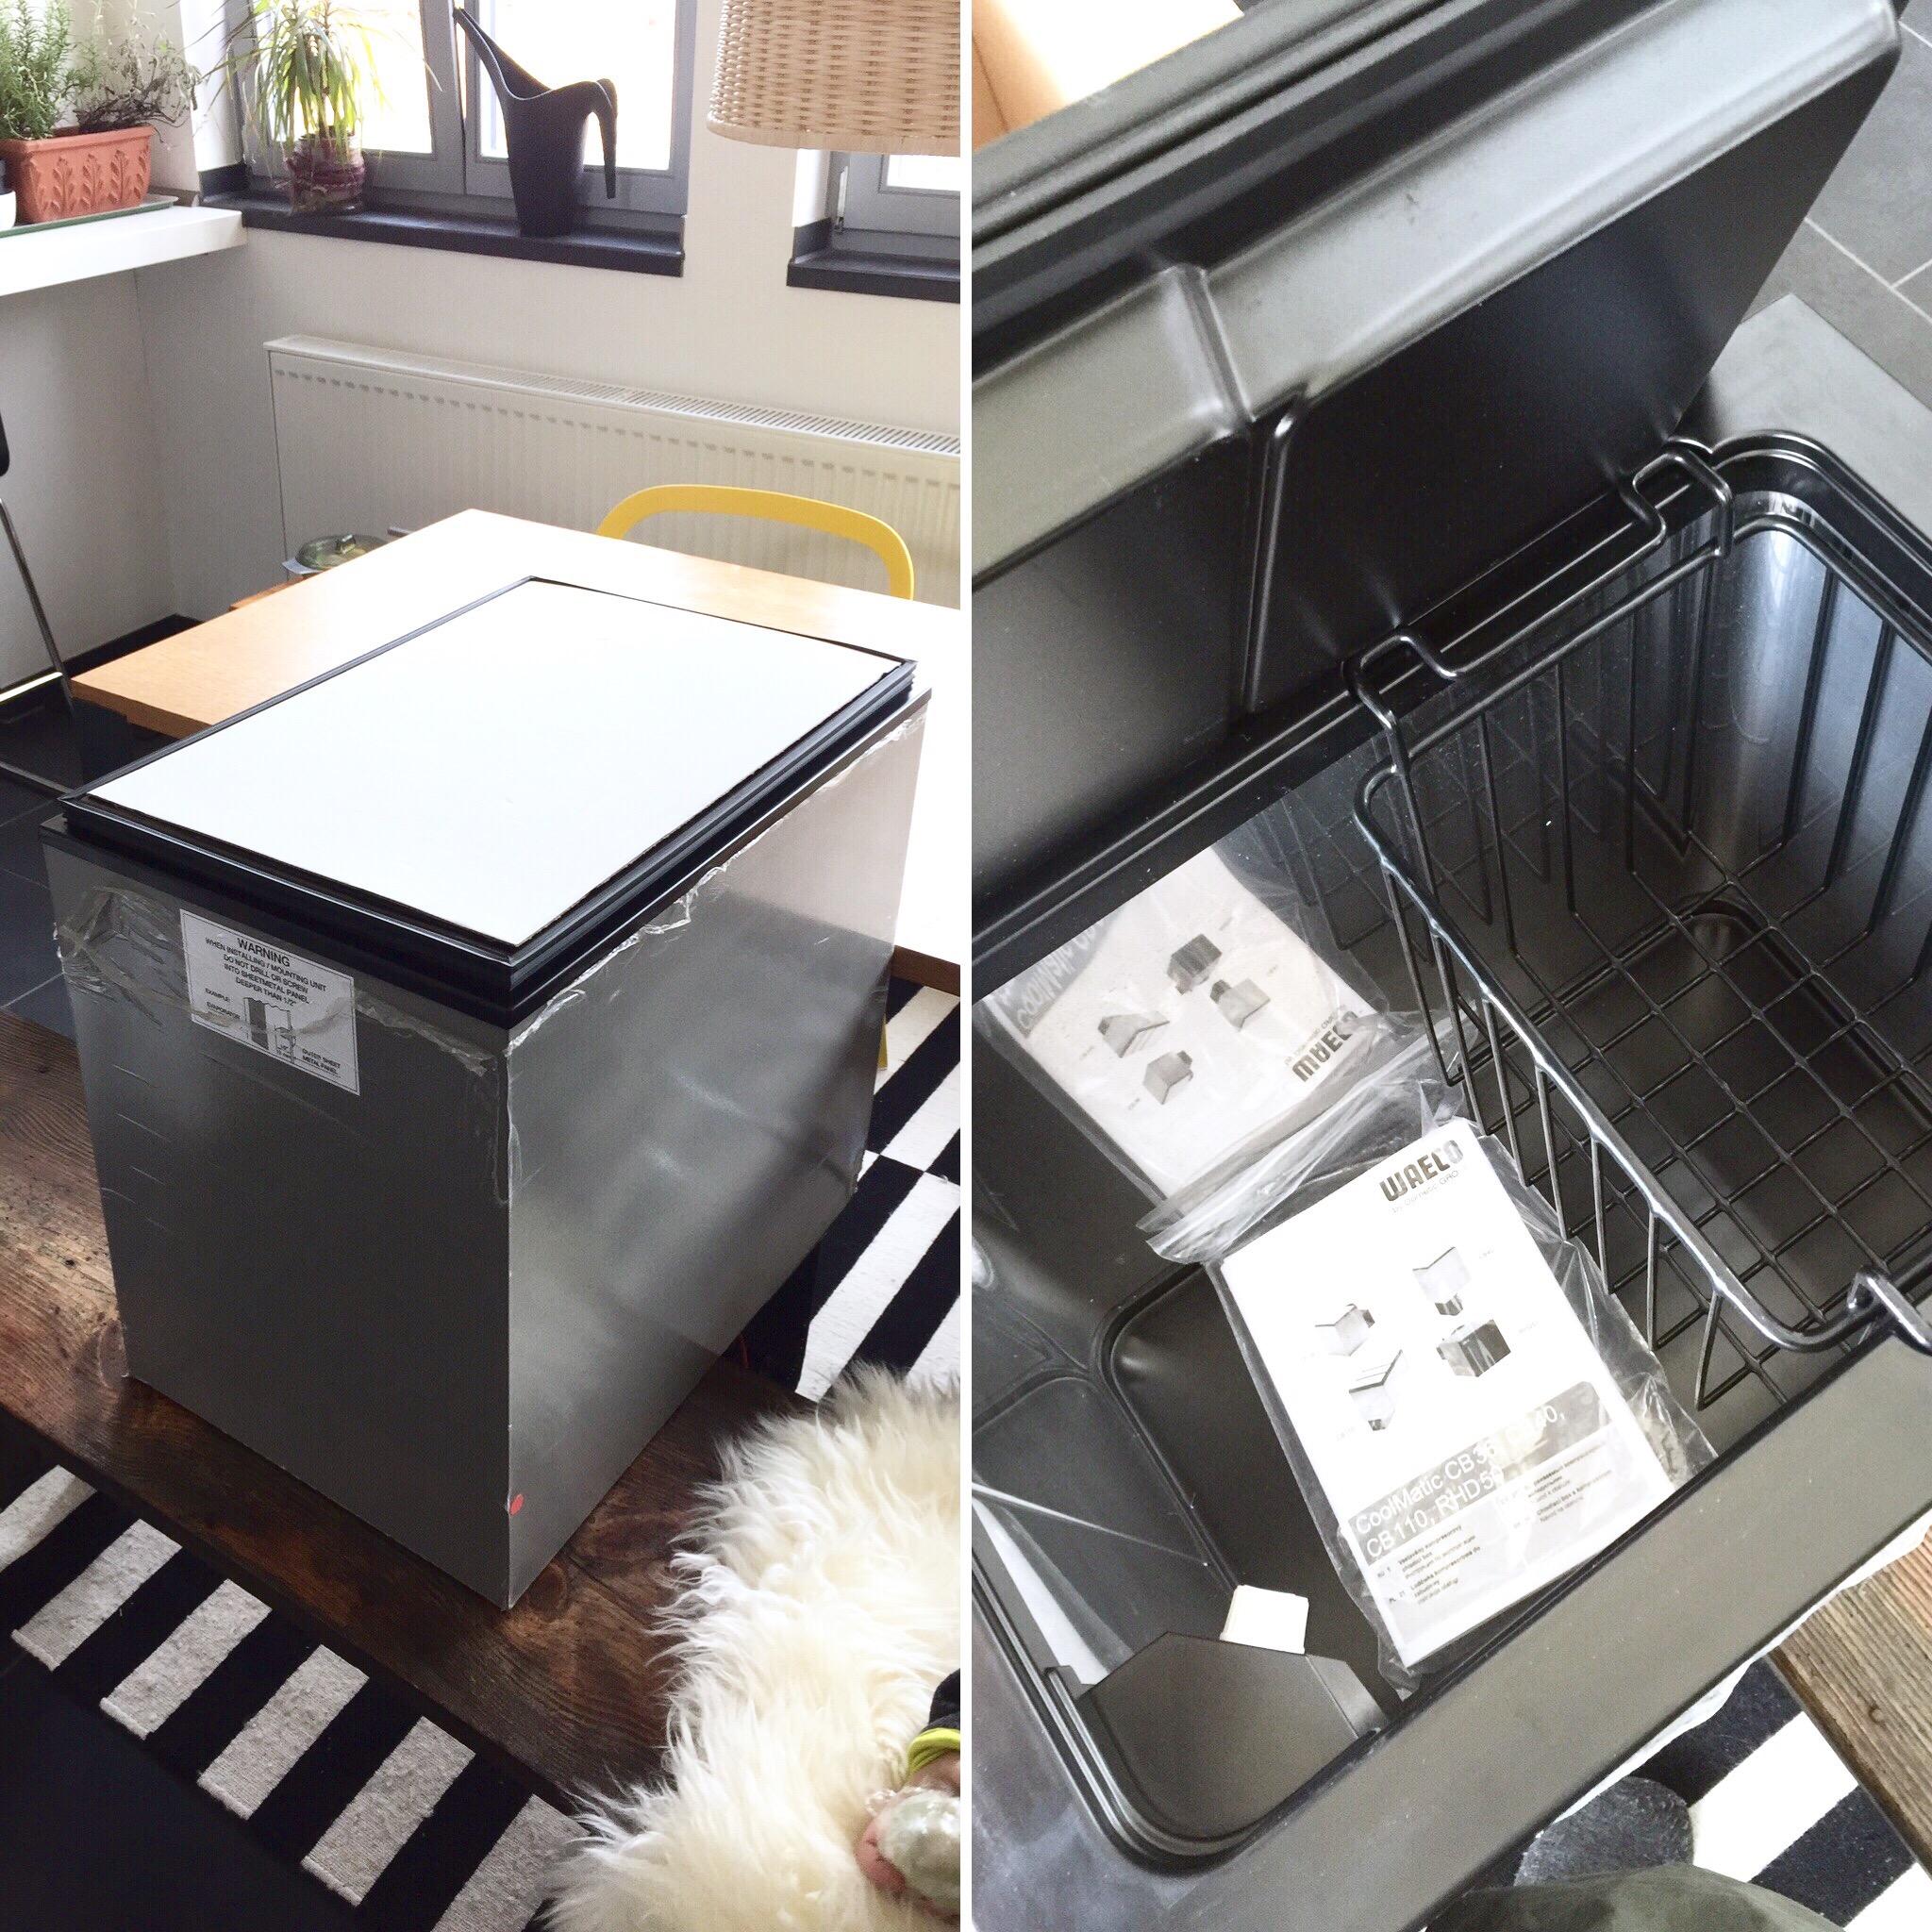 Die Kühlbox, hier noch vor dem Einbau, war reduziert im Preis, aufgrund kleiner Dellen im Gehäuse, die später nicht zu sehen waren